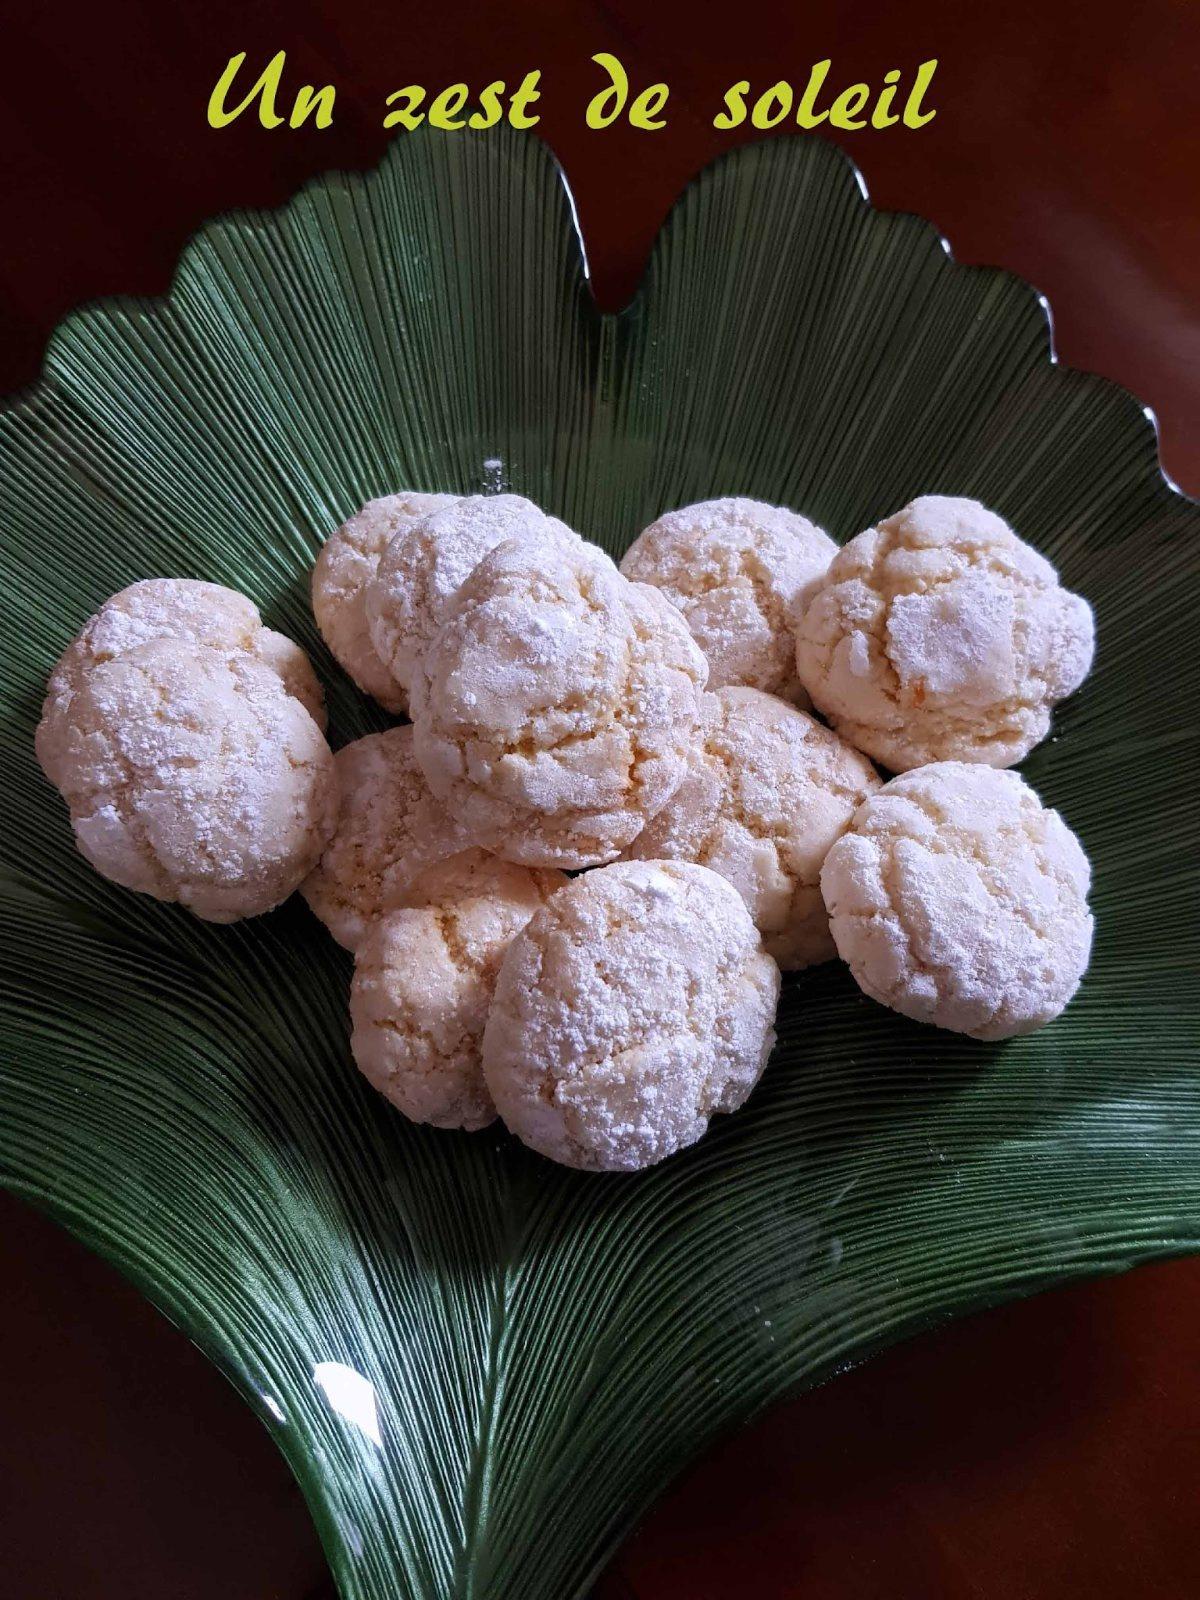 Biscuits craquelés aucitron